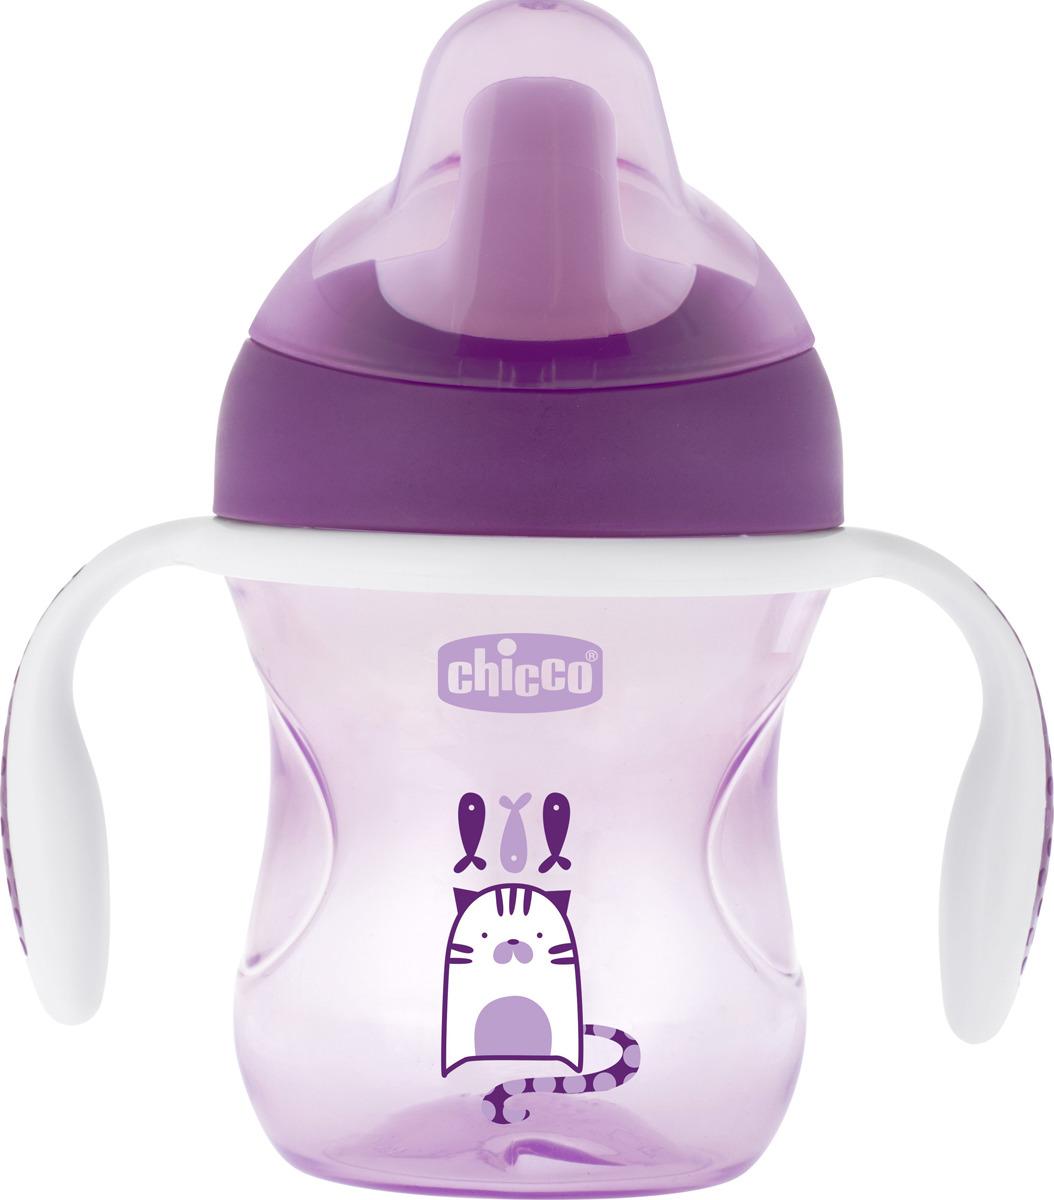 Фото - Чашка-поильник Chicco Training Cup, цвет фиолетовый, 200 мл [супермаркет] jingdong геб scybe фил приблизительно круглая чашка установлена в вертикальном положении стеклянной чашки 290мла 6 z